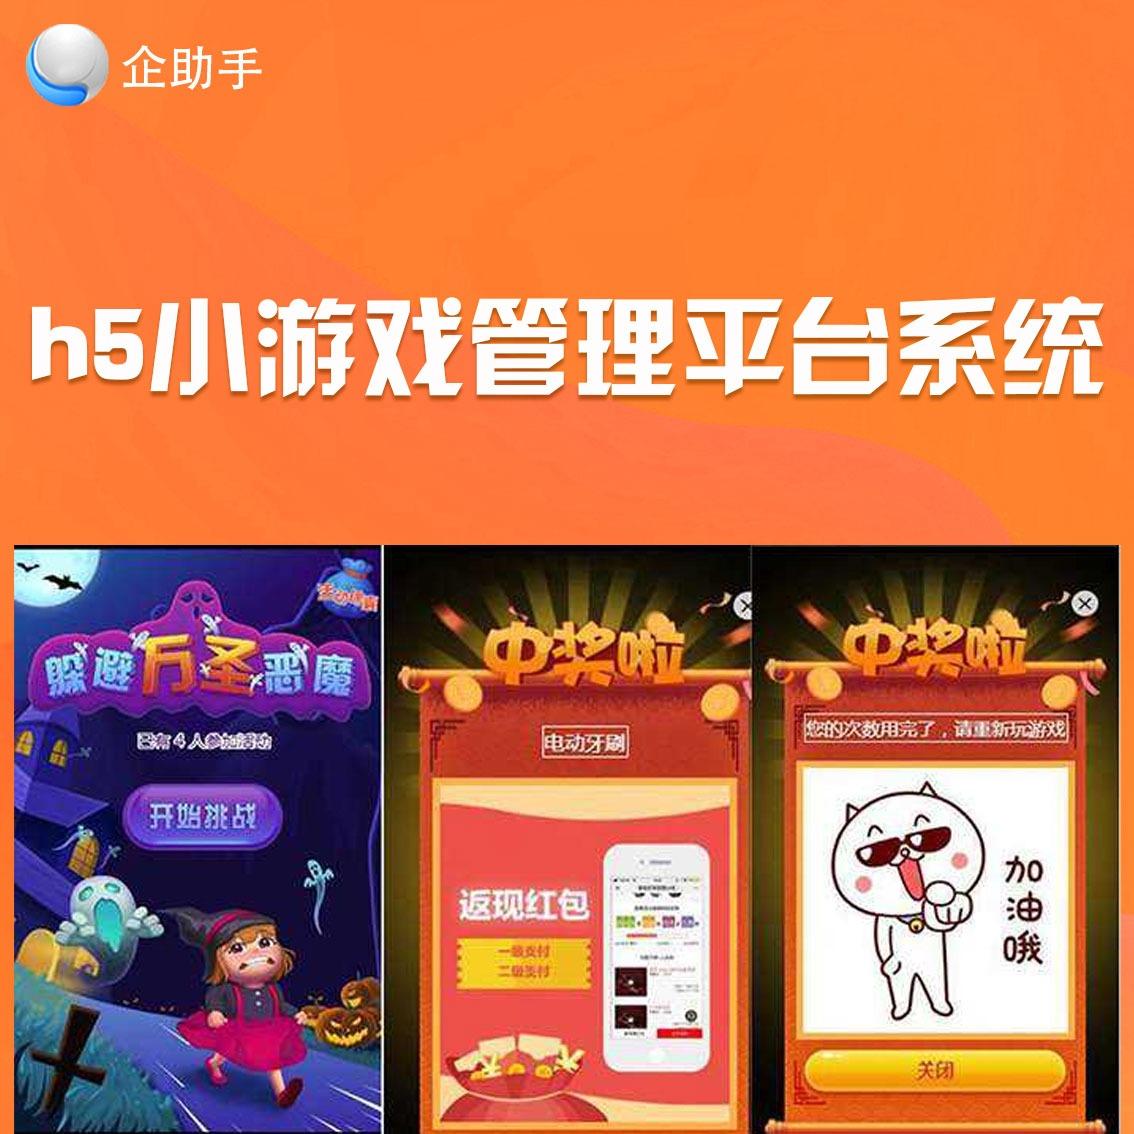 h5小游戏旅游教育房产社交管理平台系统app开发定制